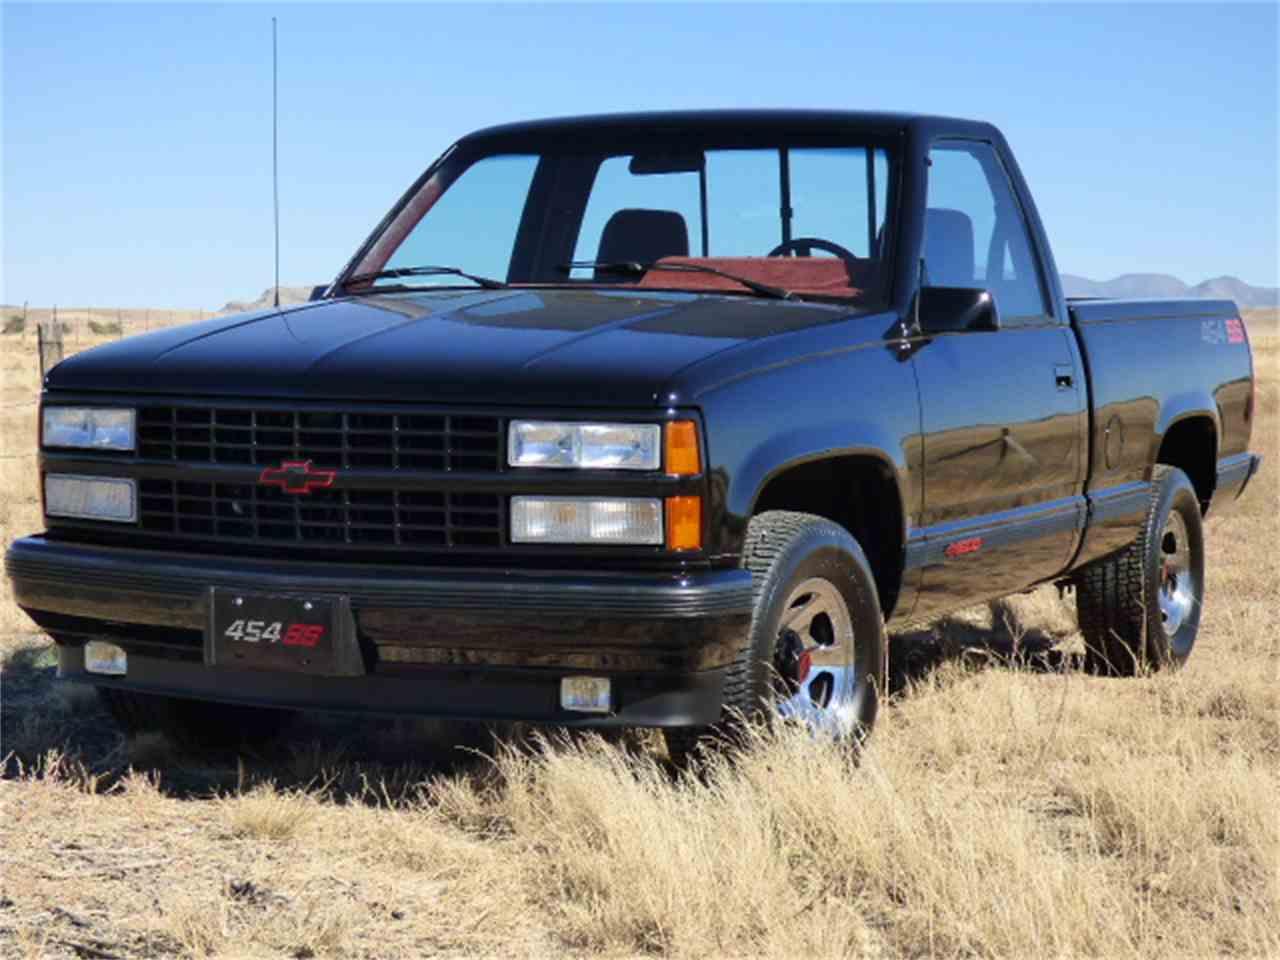 1990 Chevrolet SS for Sale | ClassicCars.com | CC-908989